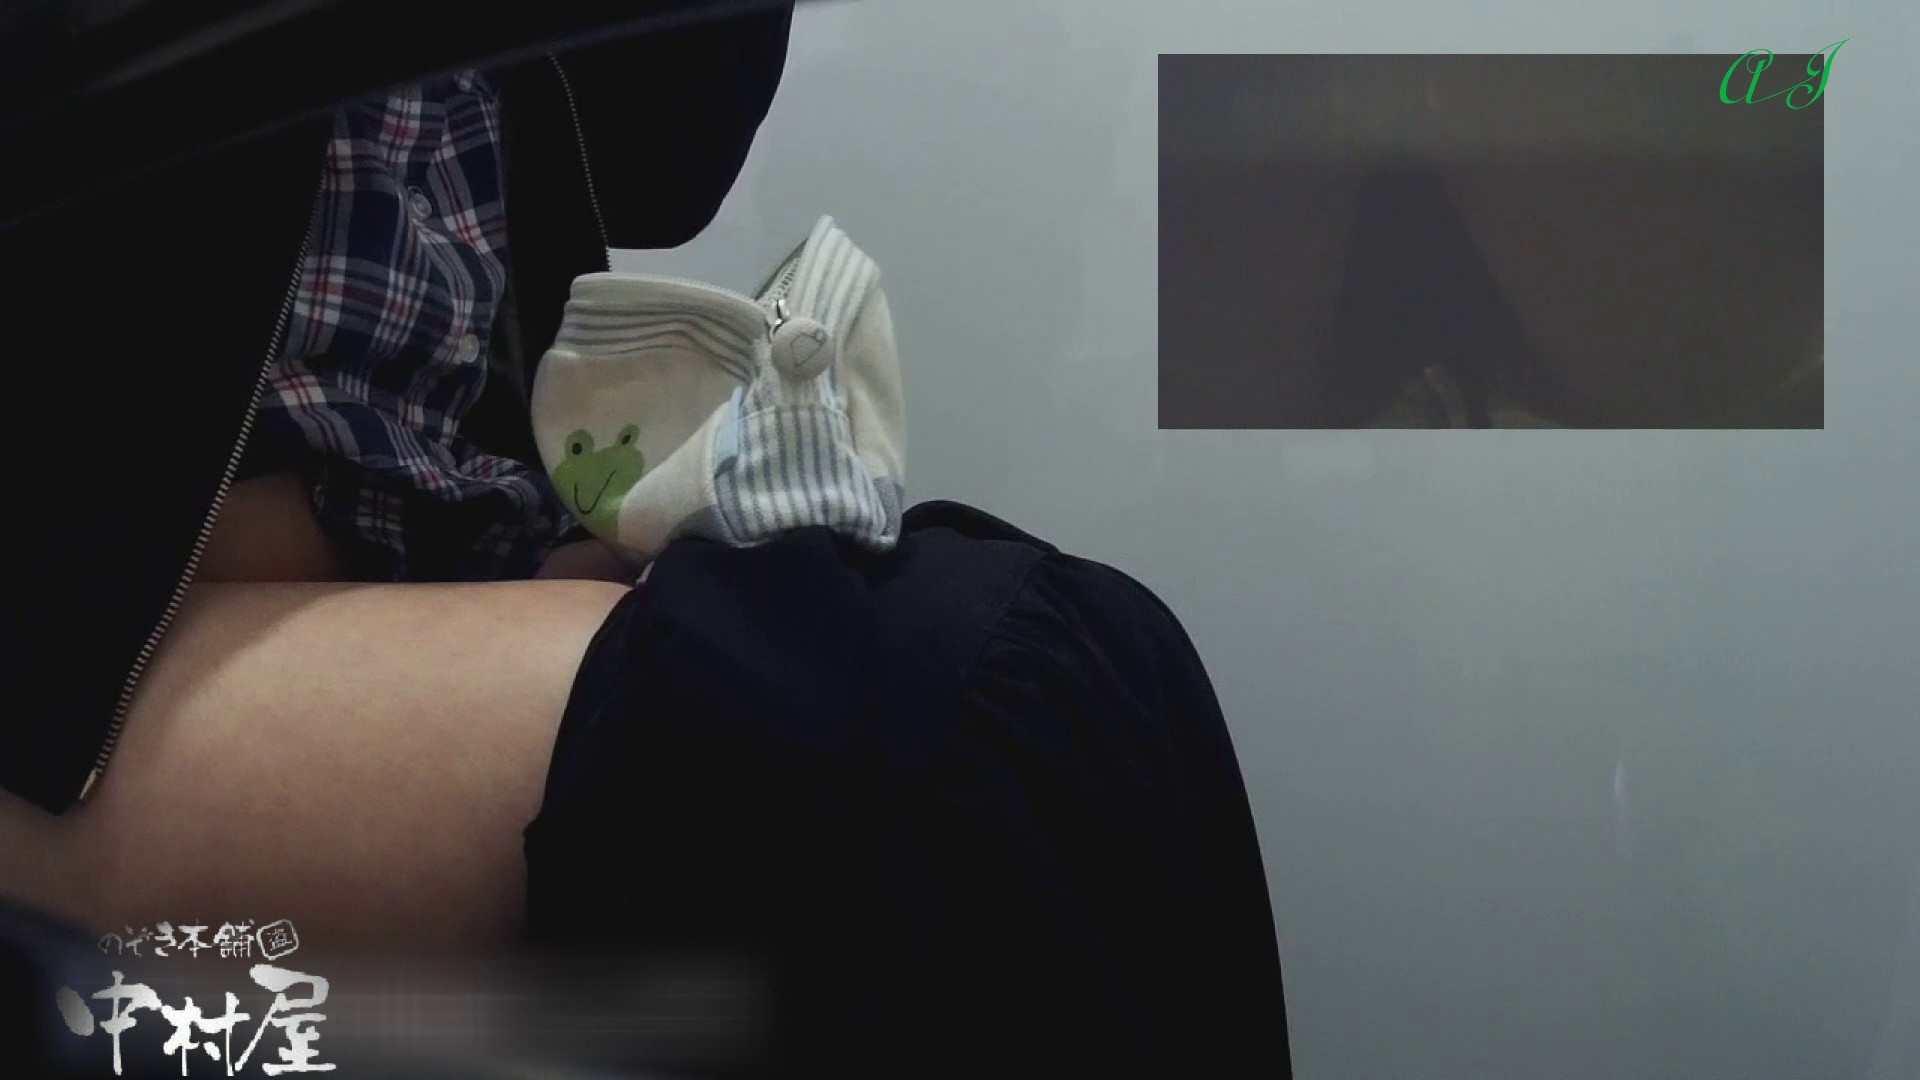 有名大学女性洗面所 vol.79 新アングル丸見え 前編 OLすけべ画像 のぞき動画画像 81連発 7